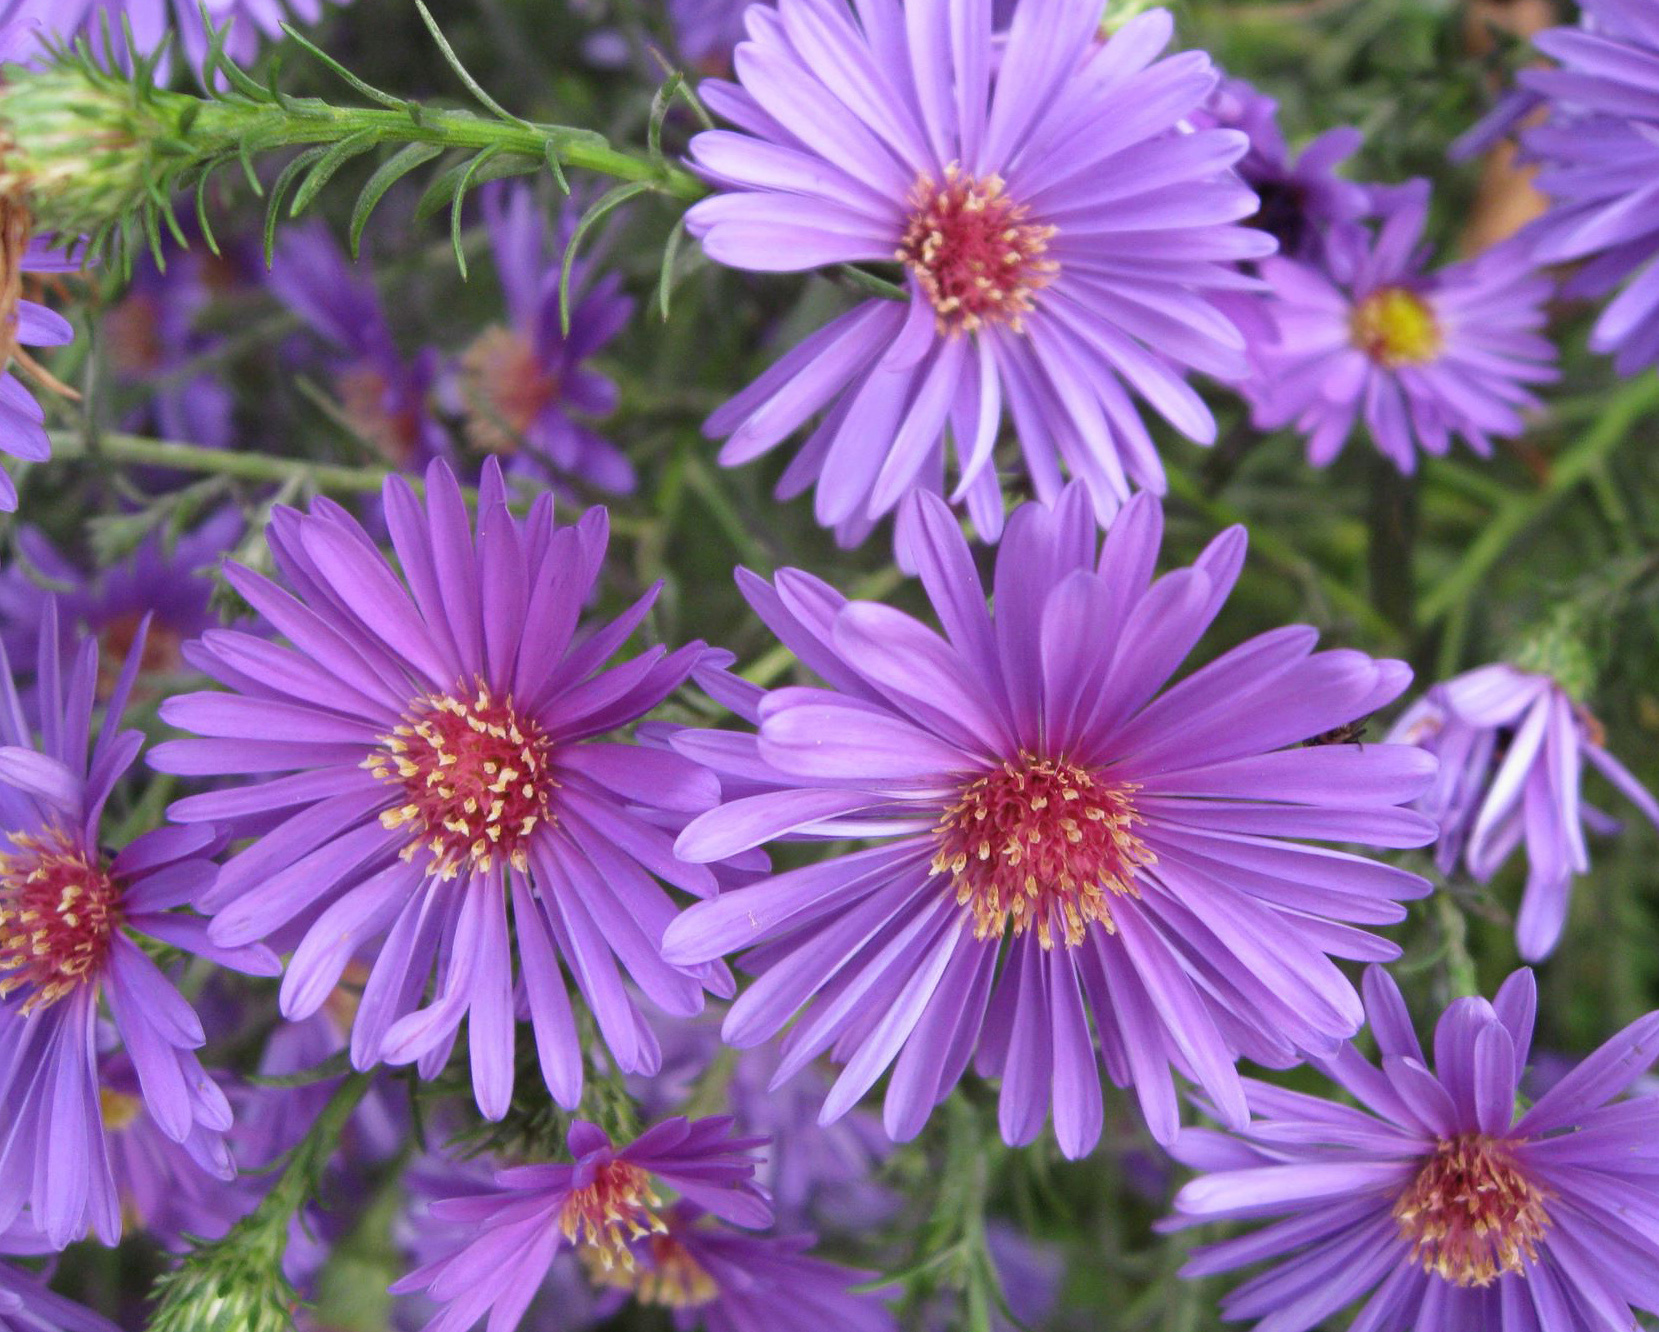 21946 скачать обои Растения, Цветы - заставки и картинки бесплатно